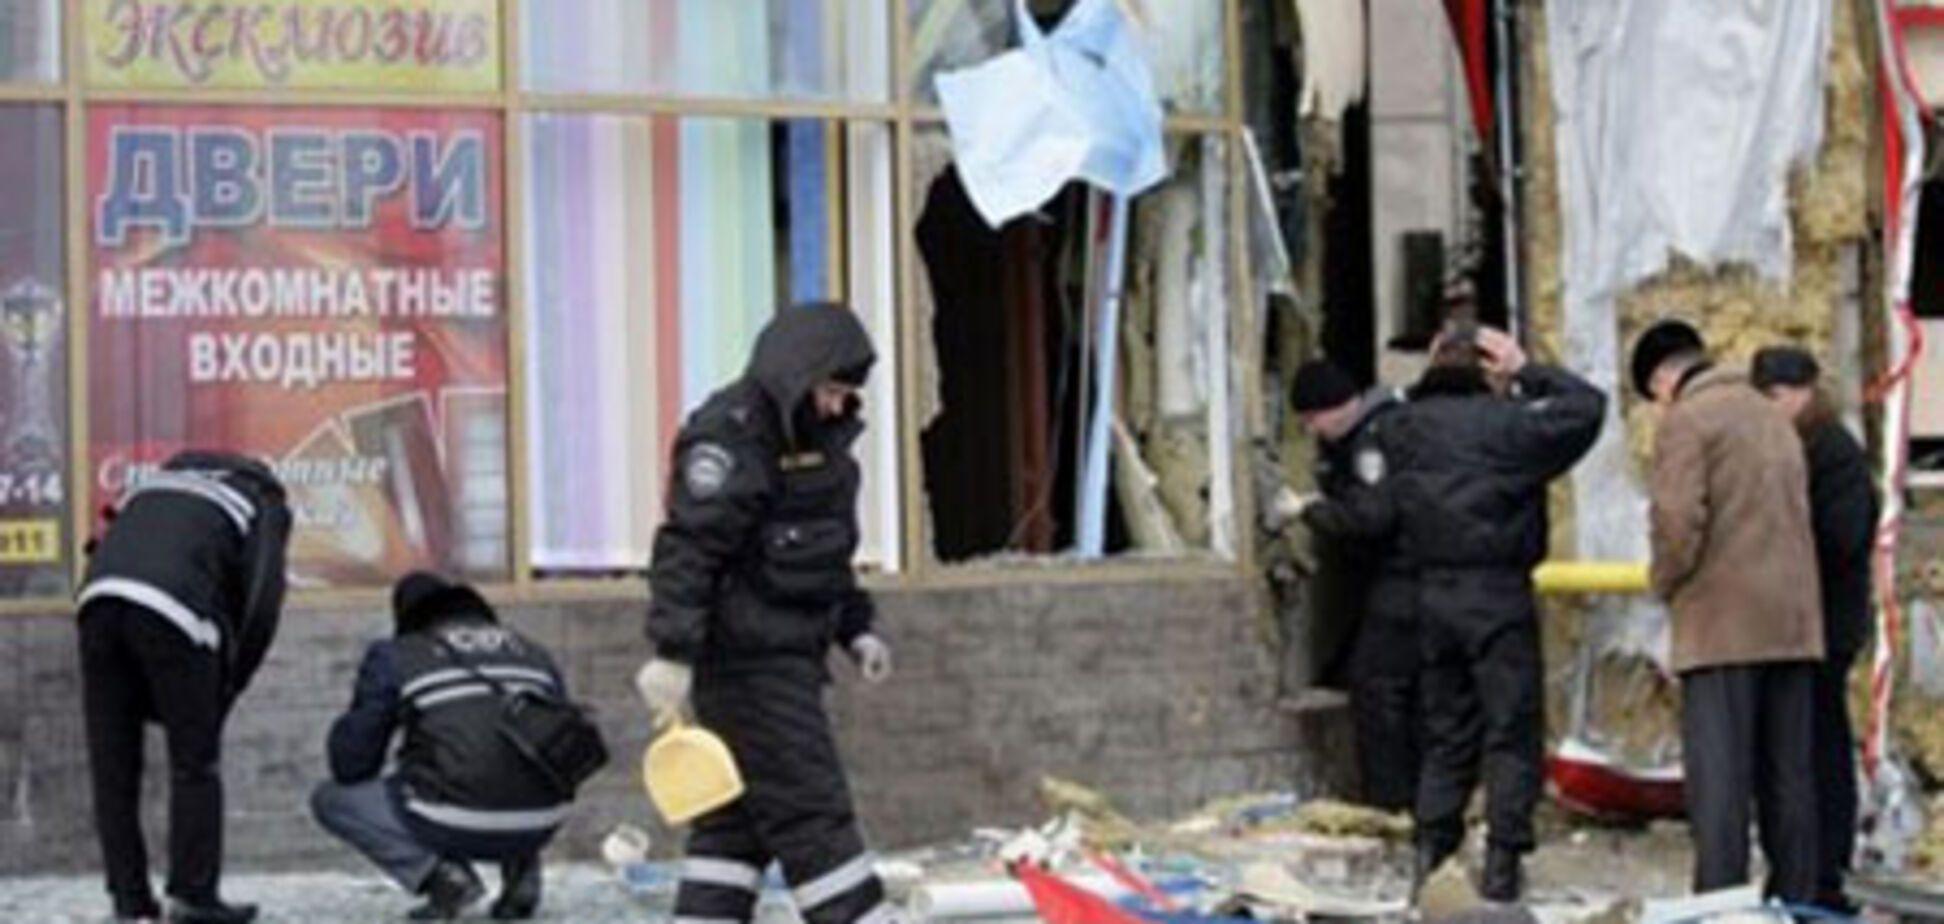 Взрывы в Макеевке: пять версий